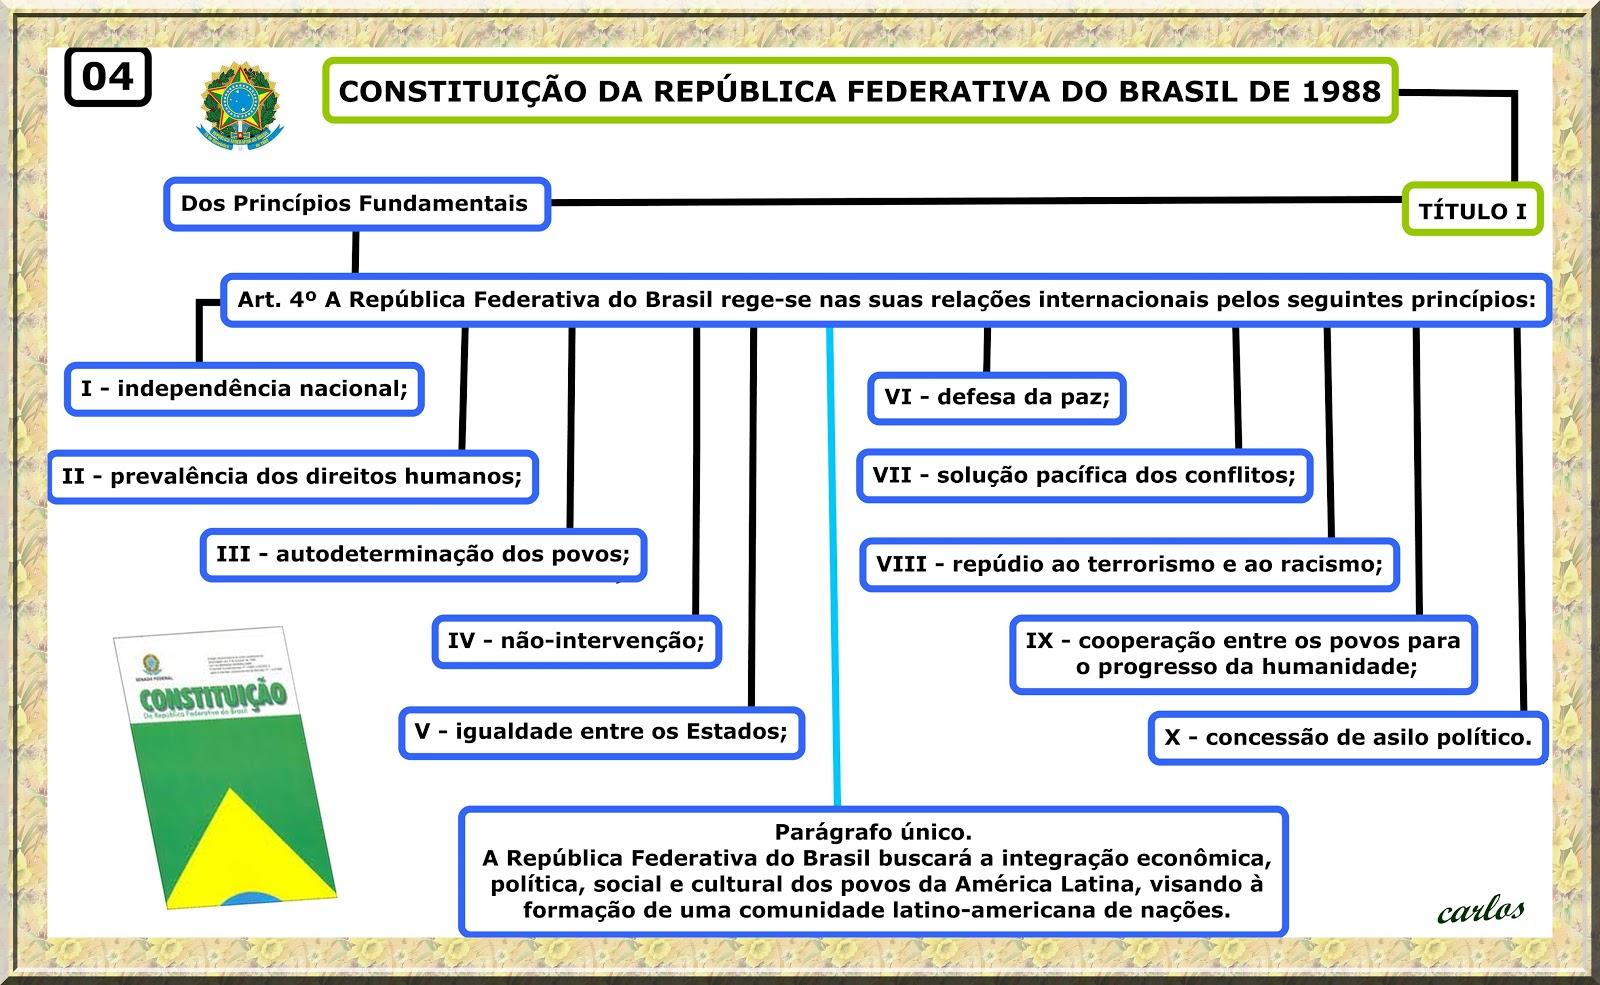 Dos Princípios Fundamentais - CONSTITUIÇÃO DA REPÚBLICA FEDERATIVA DO BRASIL DE 1988